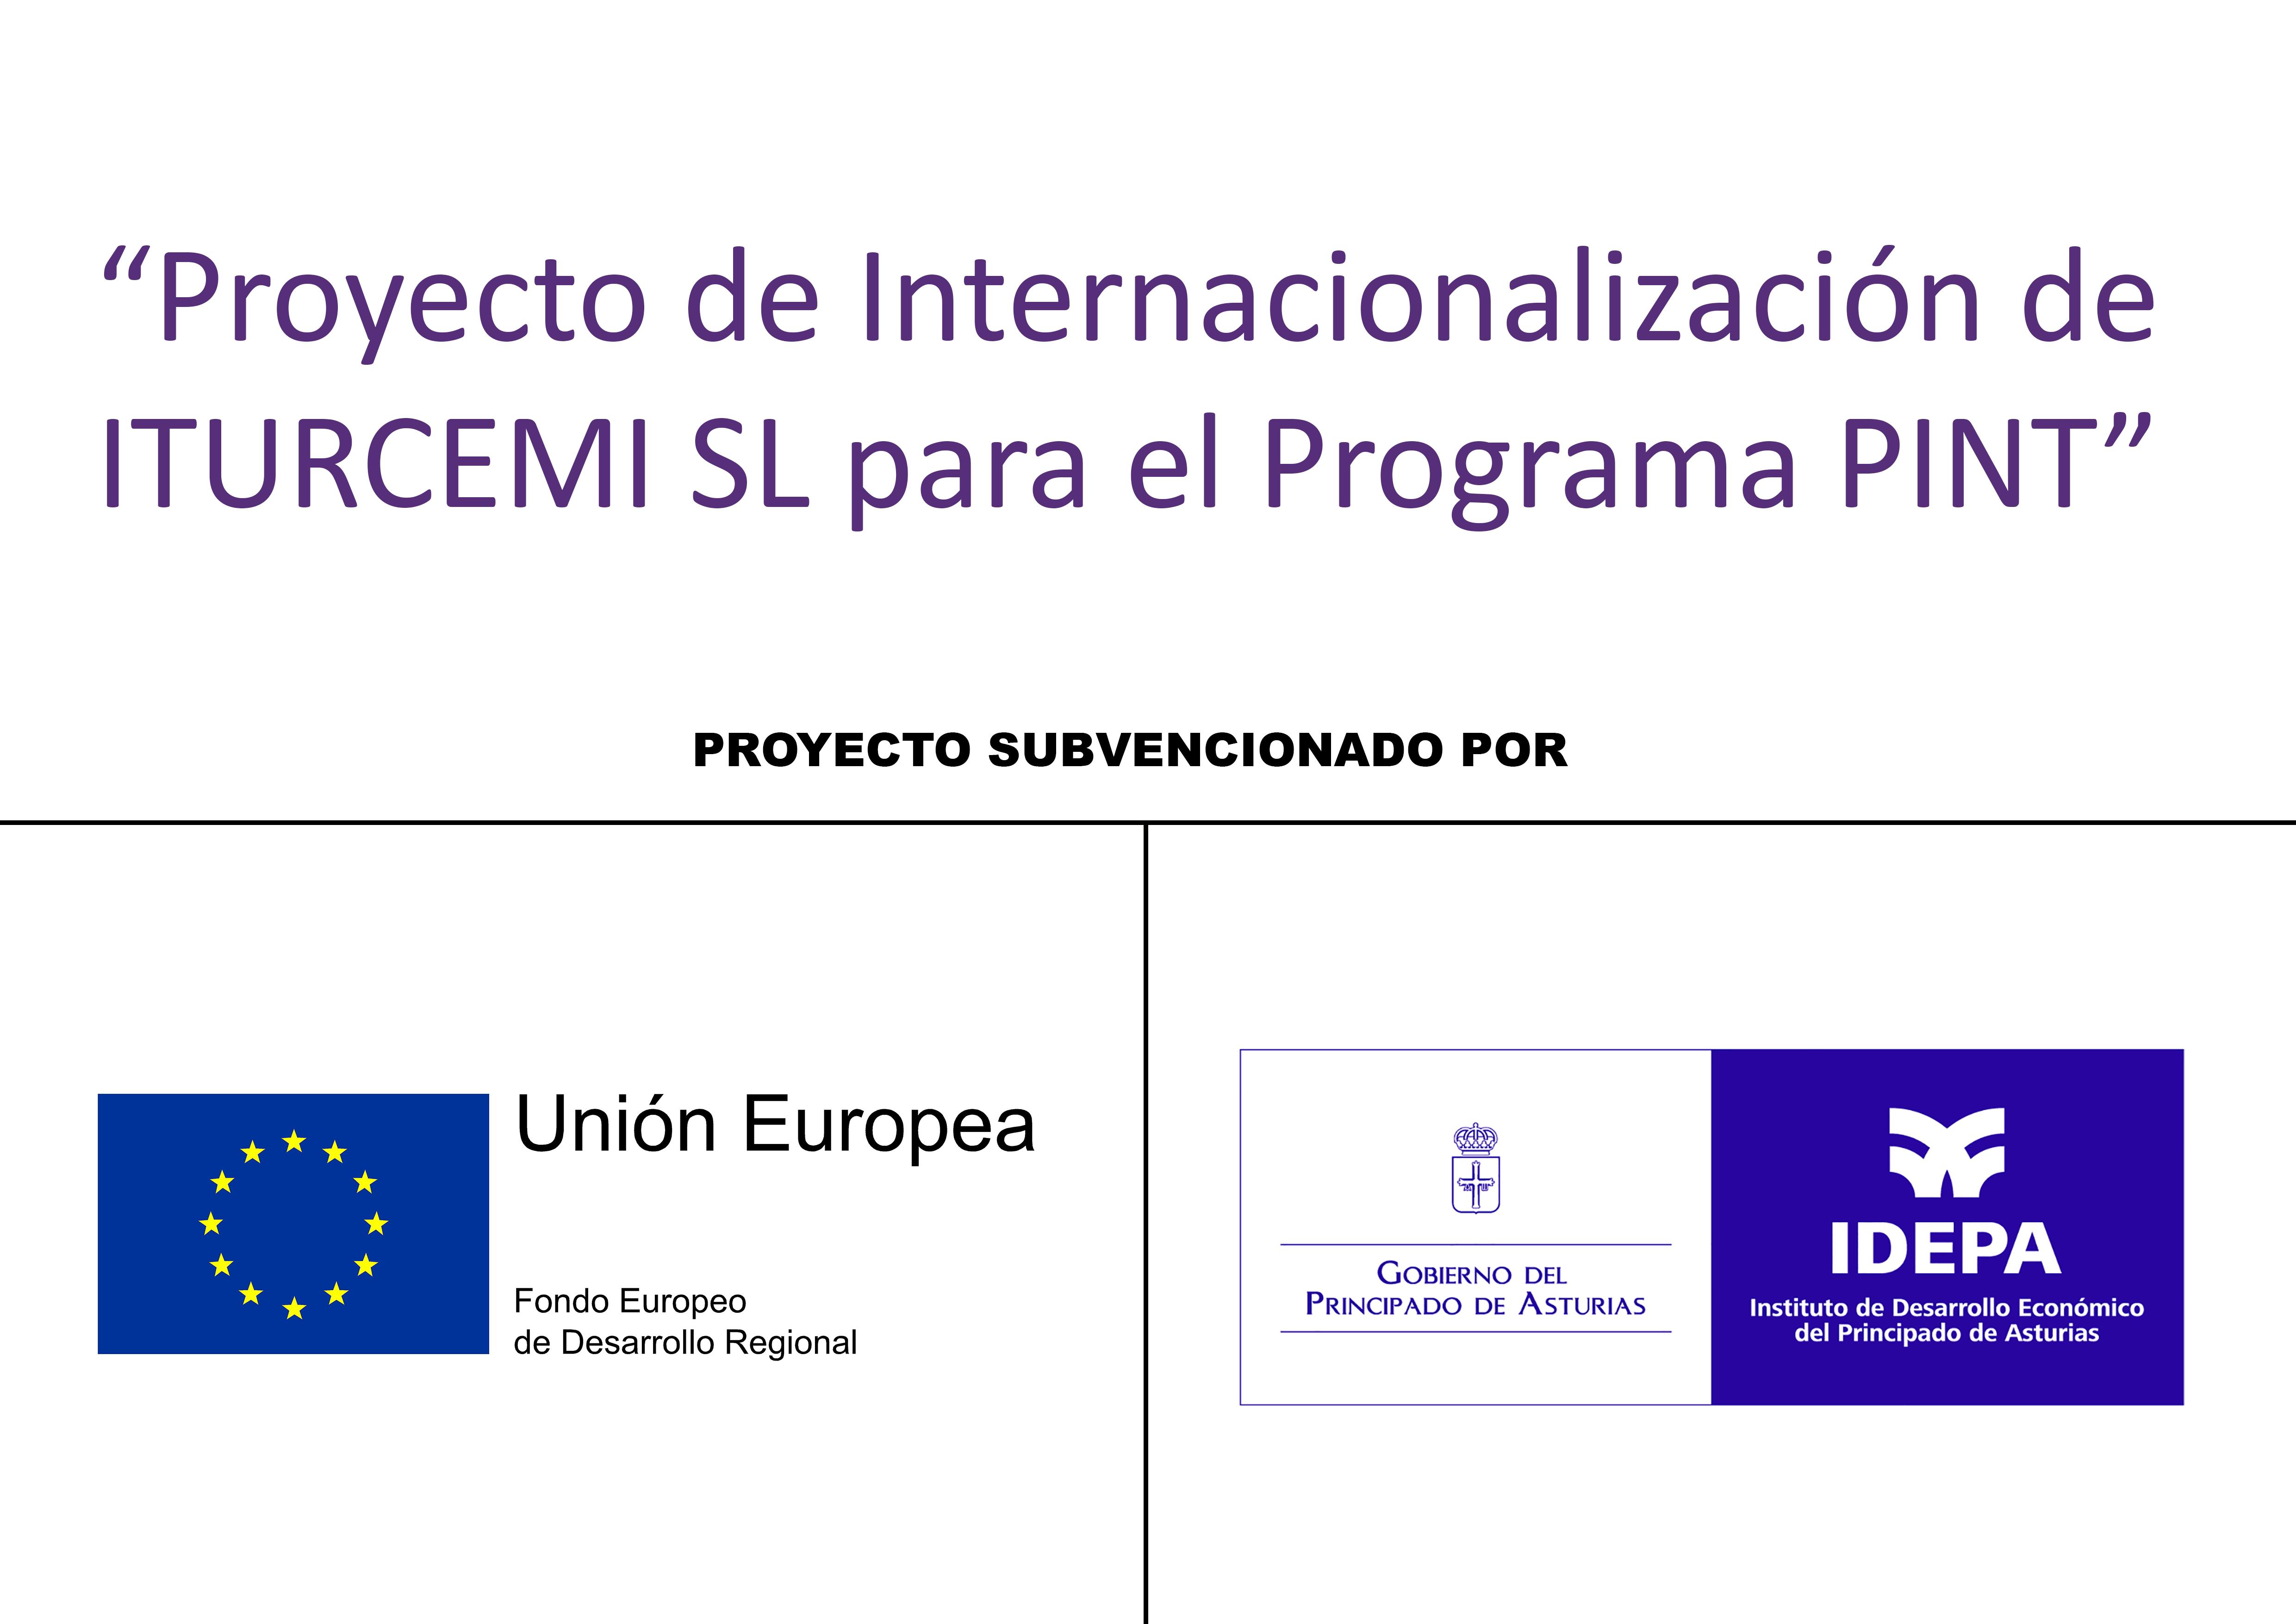 Logotipo IDEPA y la UE